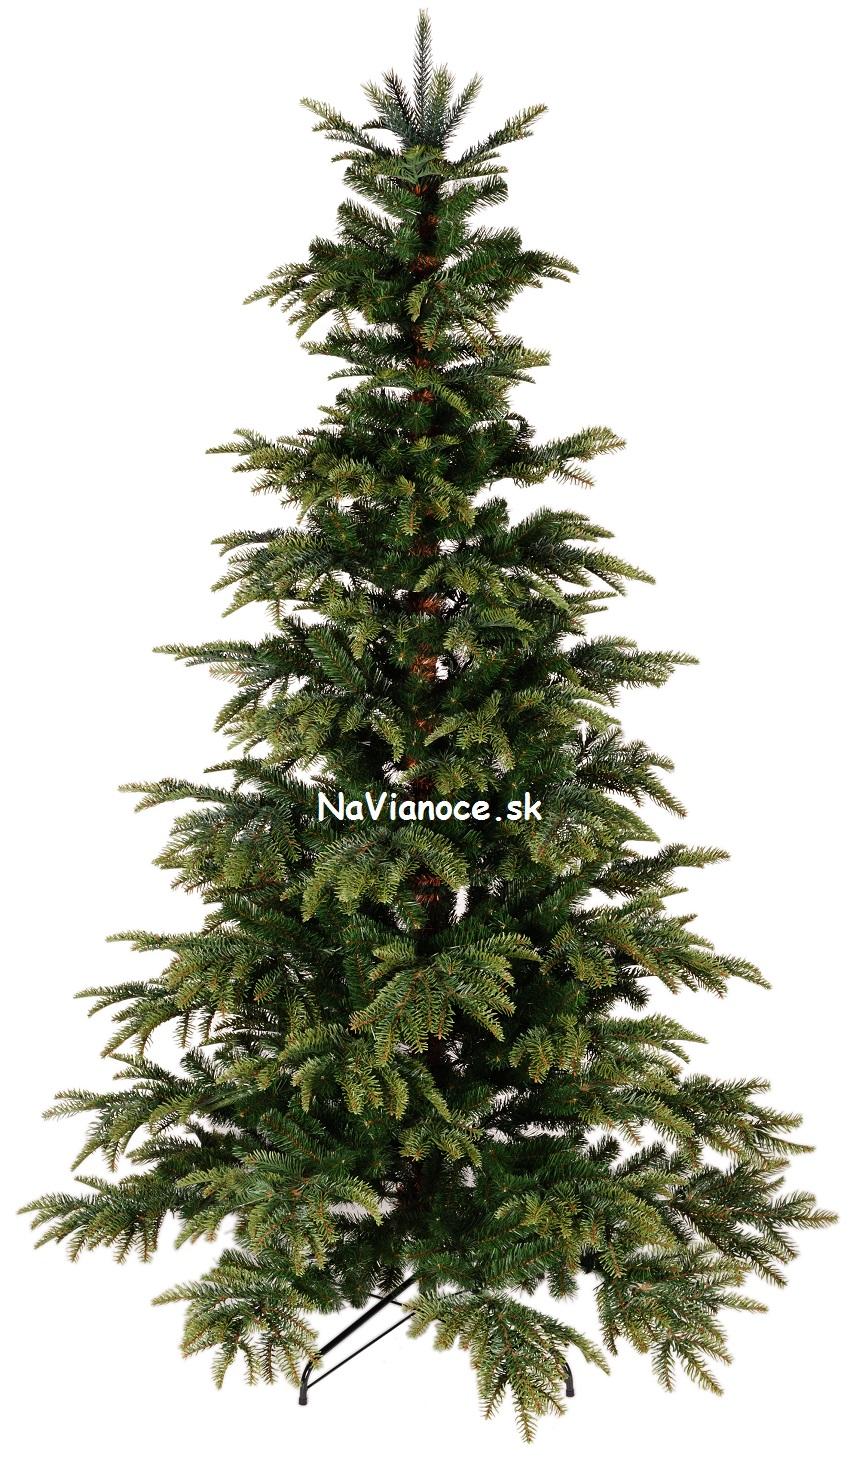 aae8ea220a8c9 3d Vianočné stromčeky Tajga I jedľa od www.dekoracie-vianoce.sk